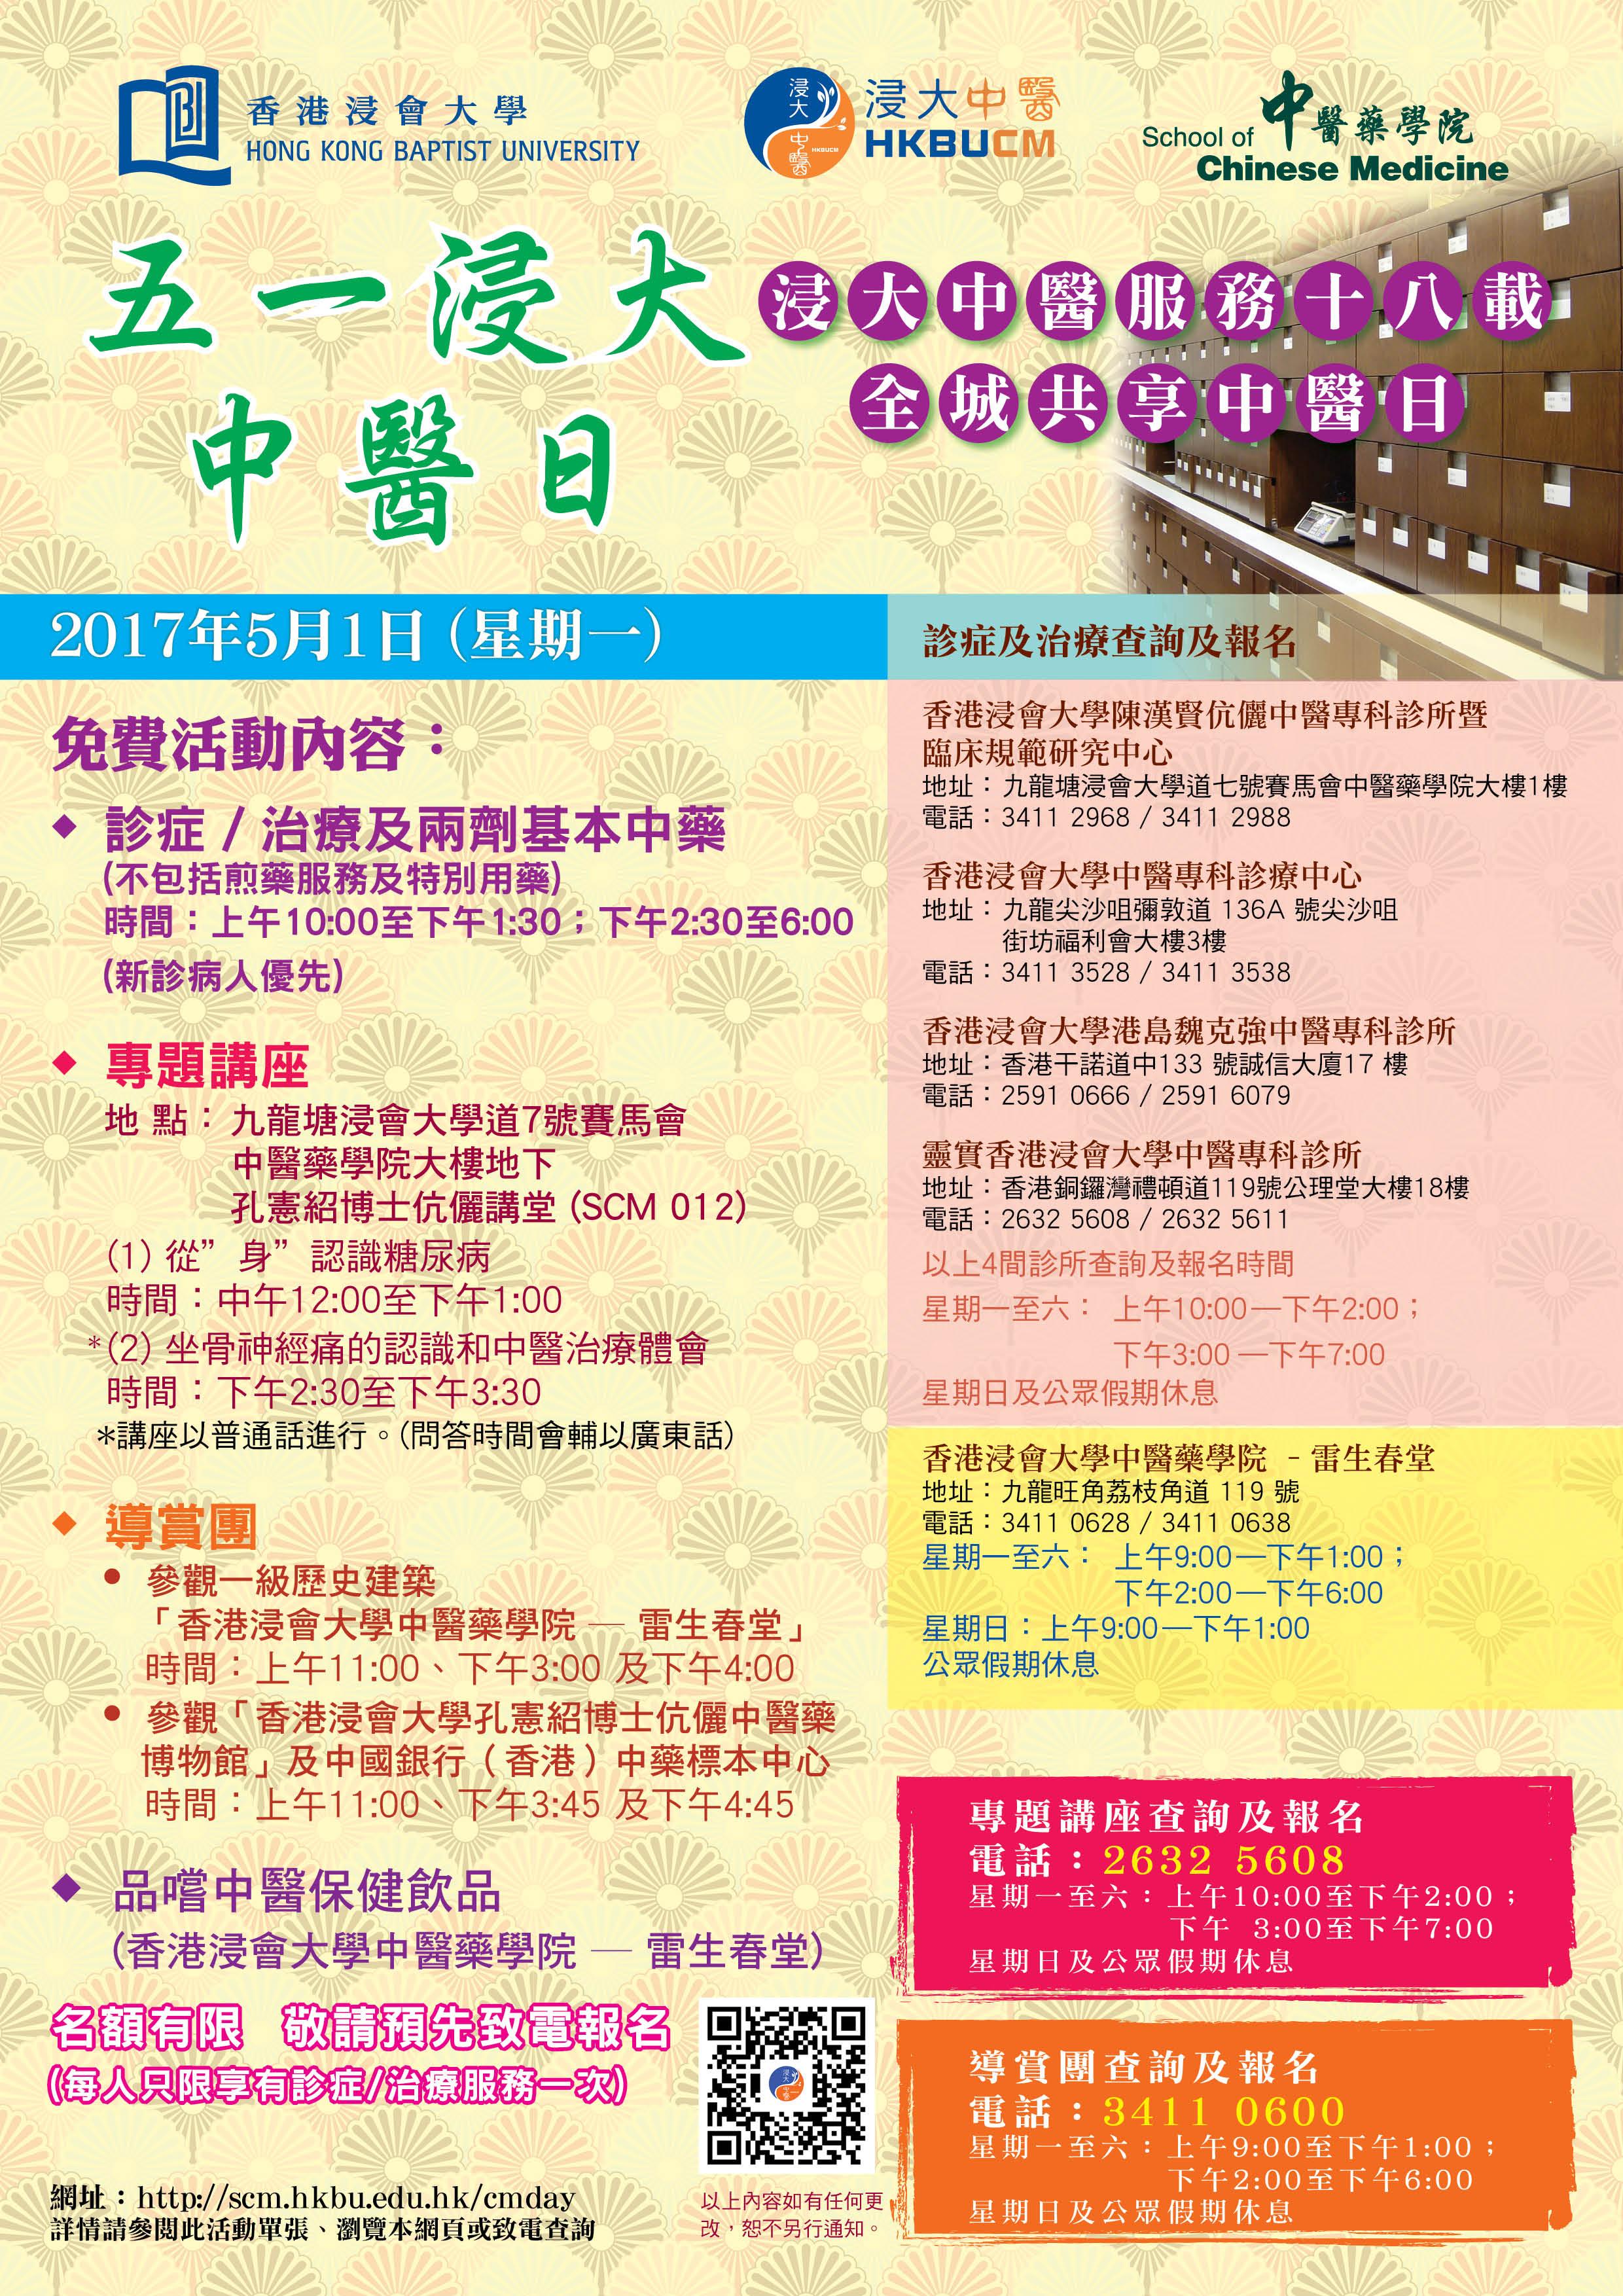 hkbu-A2-51day-5e